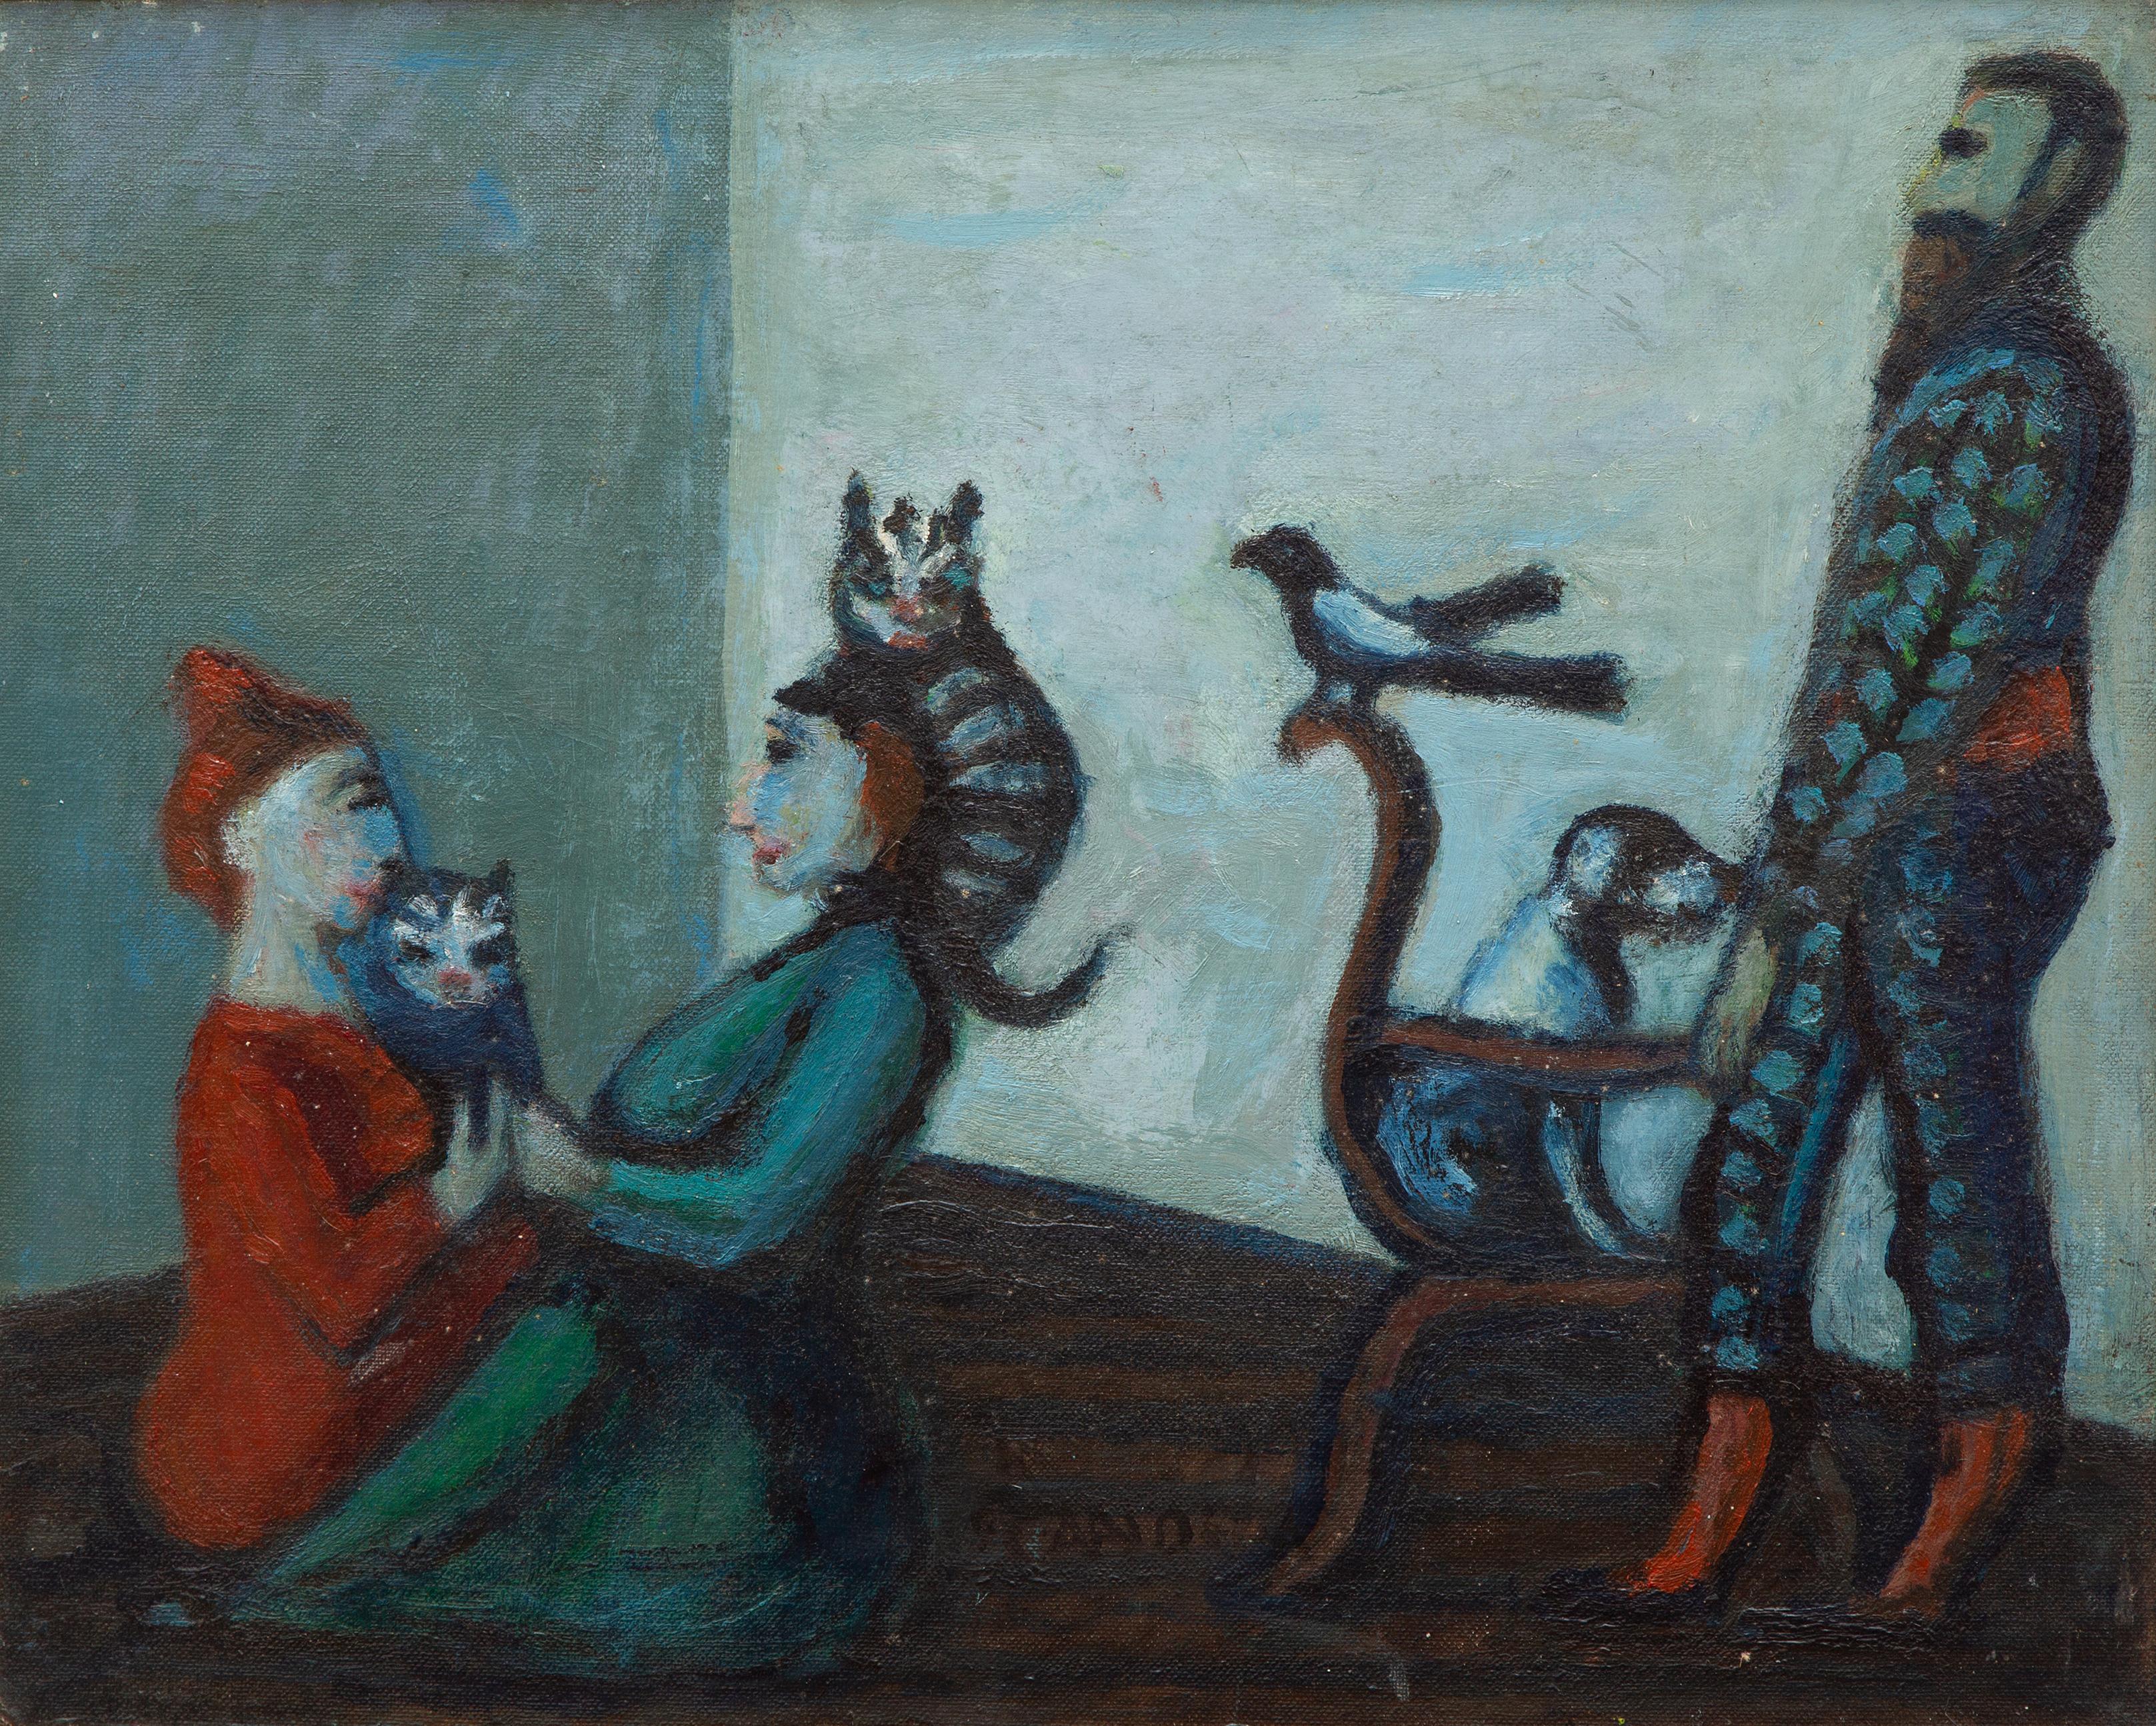 Kees Andrea (1914-2006), Ekster en figuren. Olieverf op doek